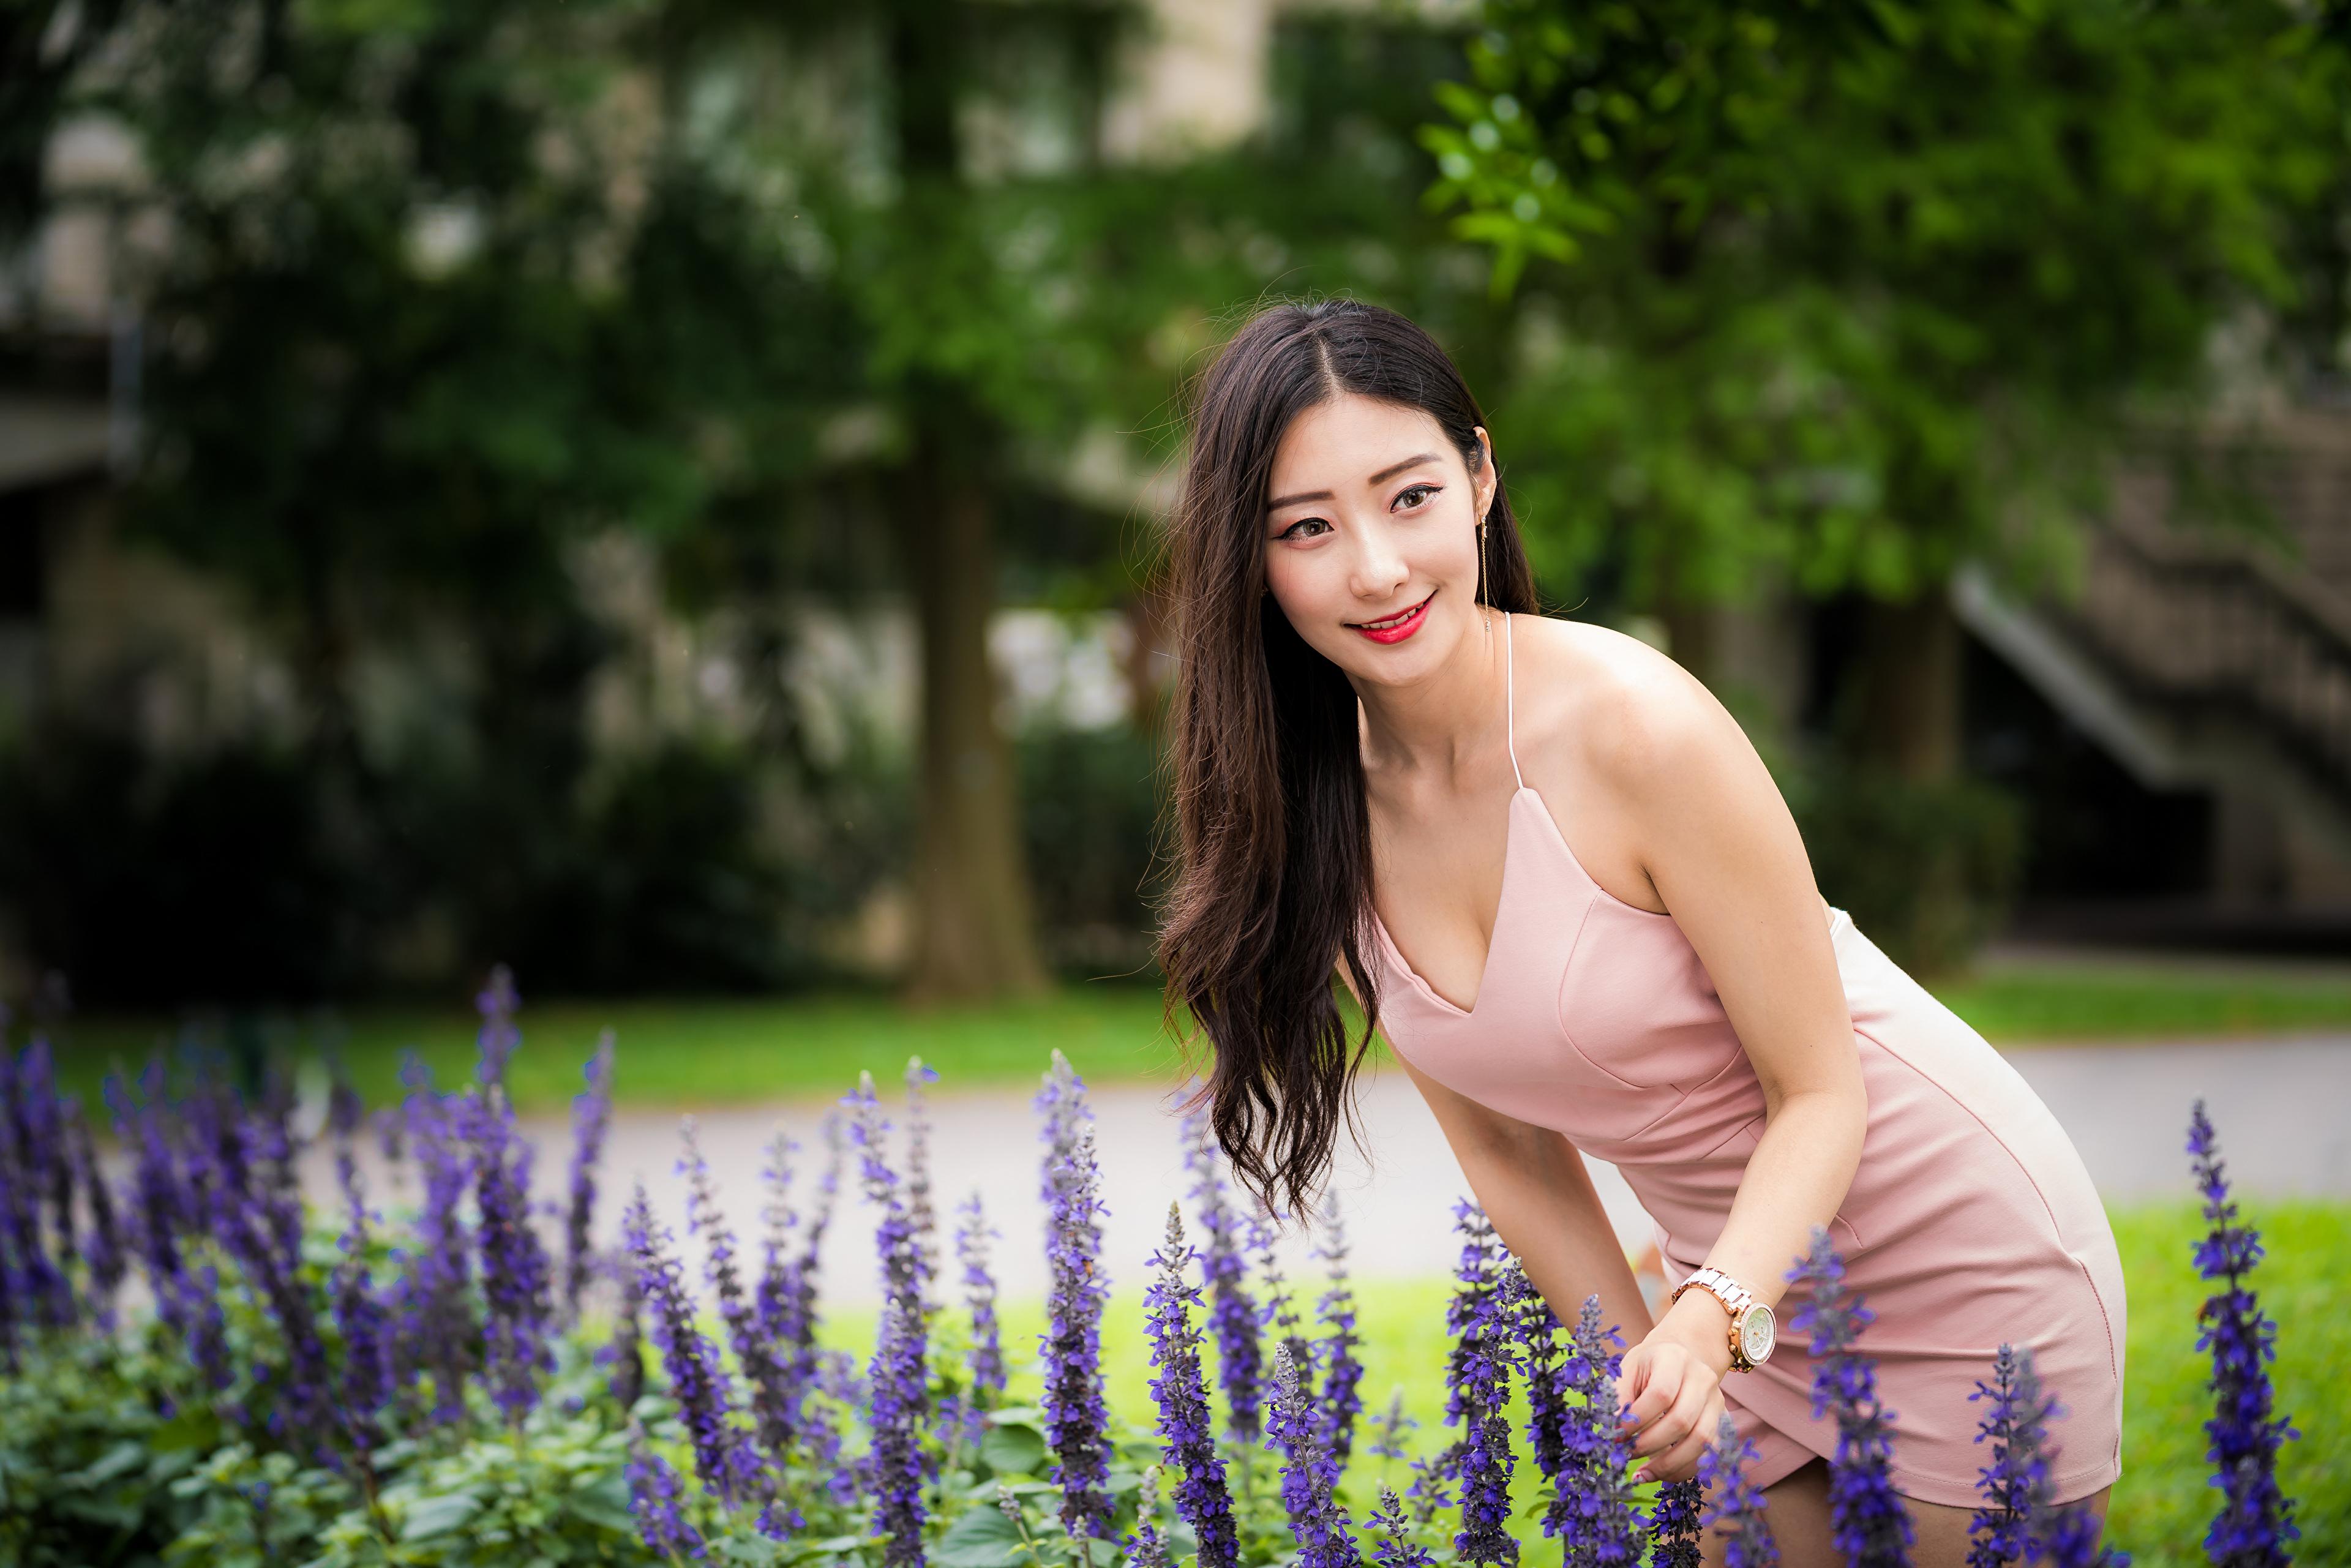 Обои для рабочего стола улыбается Размытый фон Девушки азиатка Платье 3840x2561 Улыбка боке девушка молодая женщина молодые женщины Азиаты азиатки платья